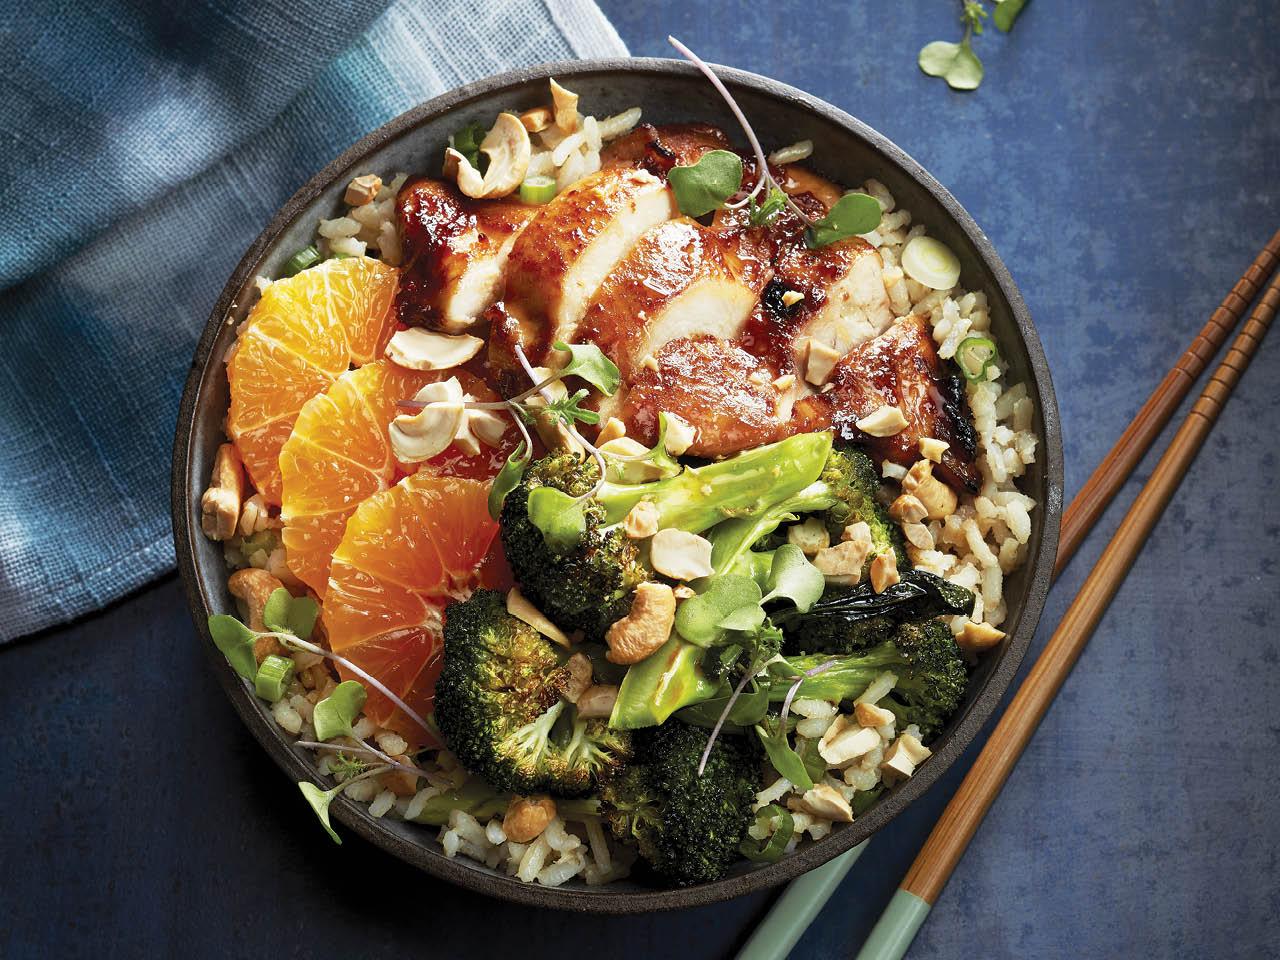 Hoisin chicken rice bowl